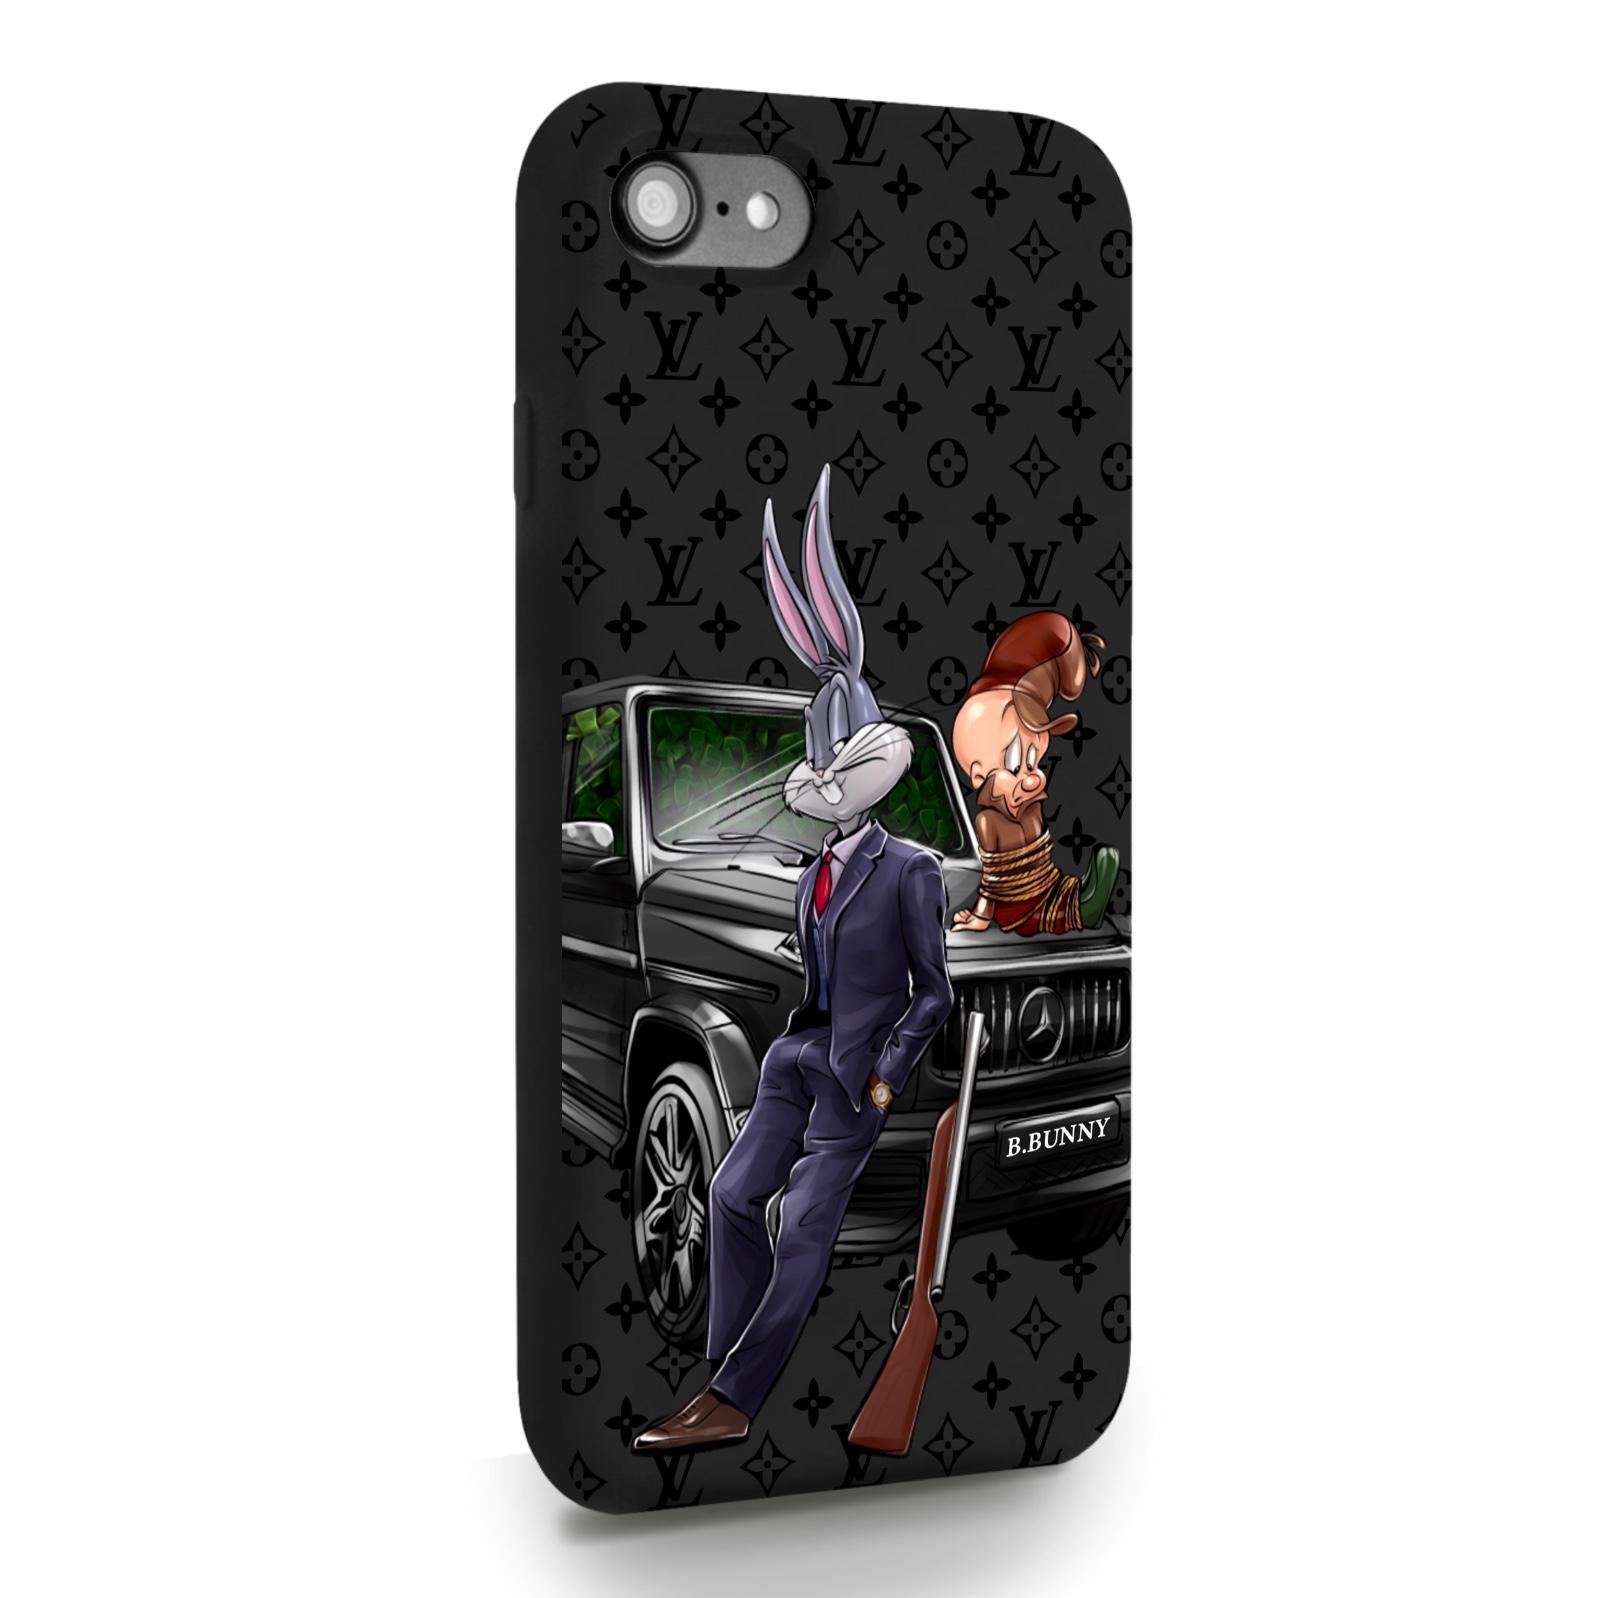 Черный силиконовый чехол для iPhone 7/8/SE2020 Мистер Богатый Заяц Бизнес/ Mr. Rich Bunny Business для Айфон 7/8/СЕ2020